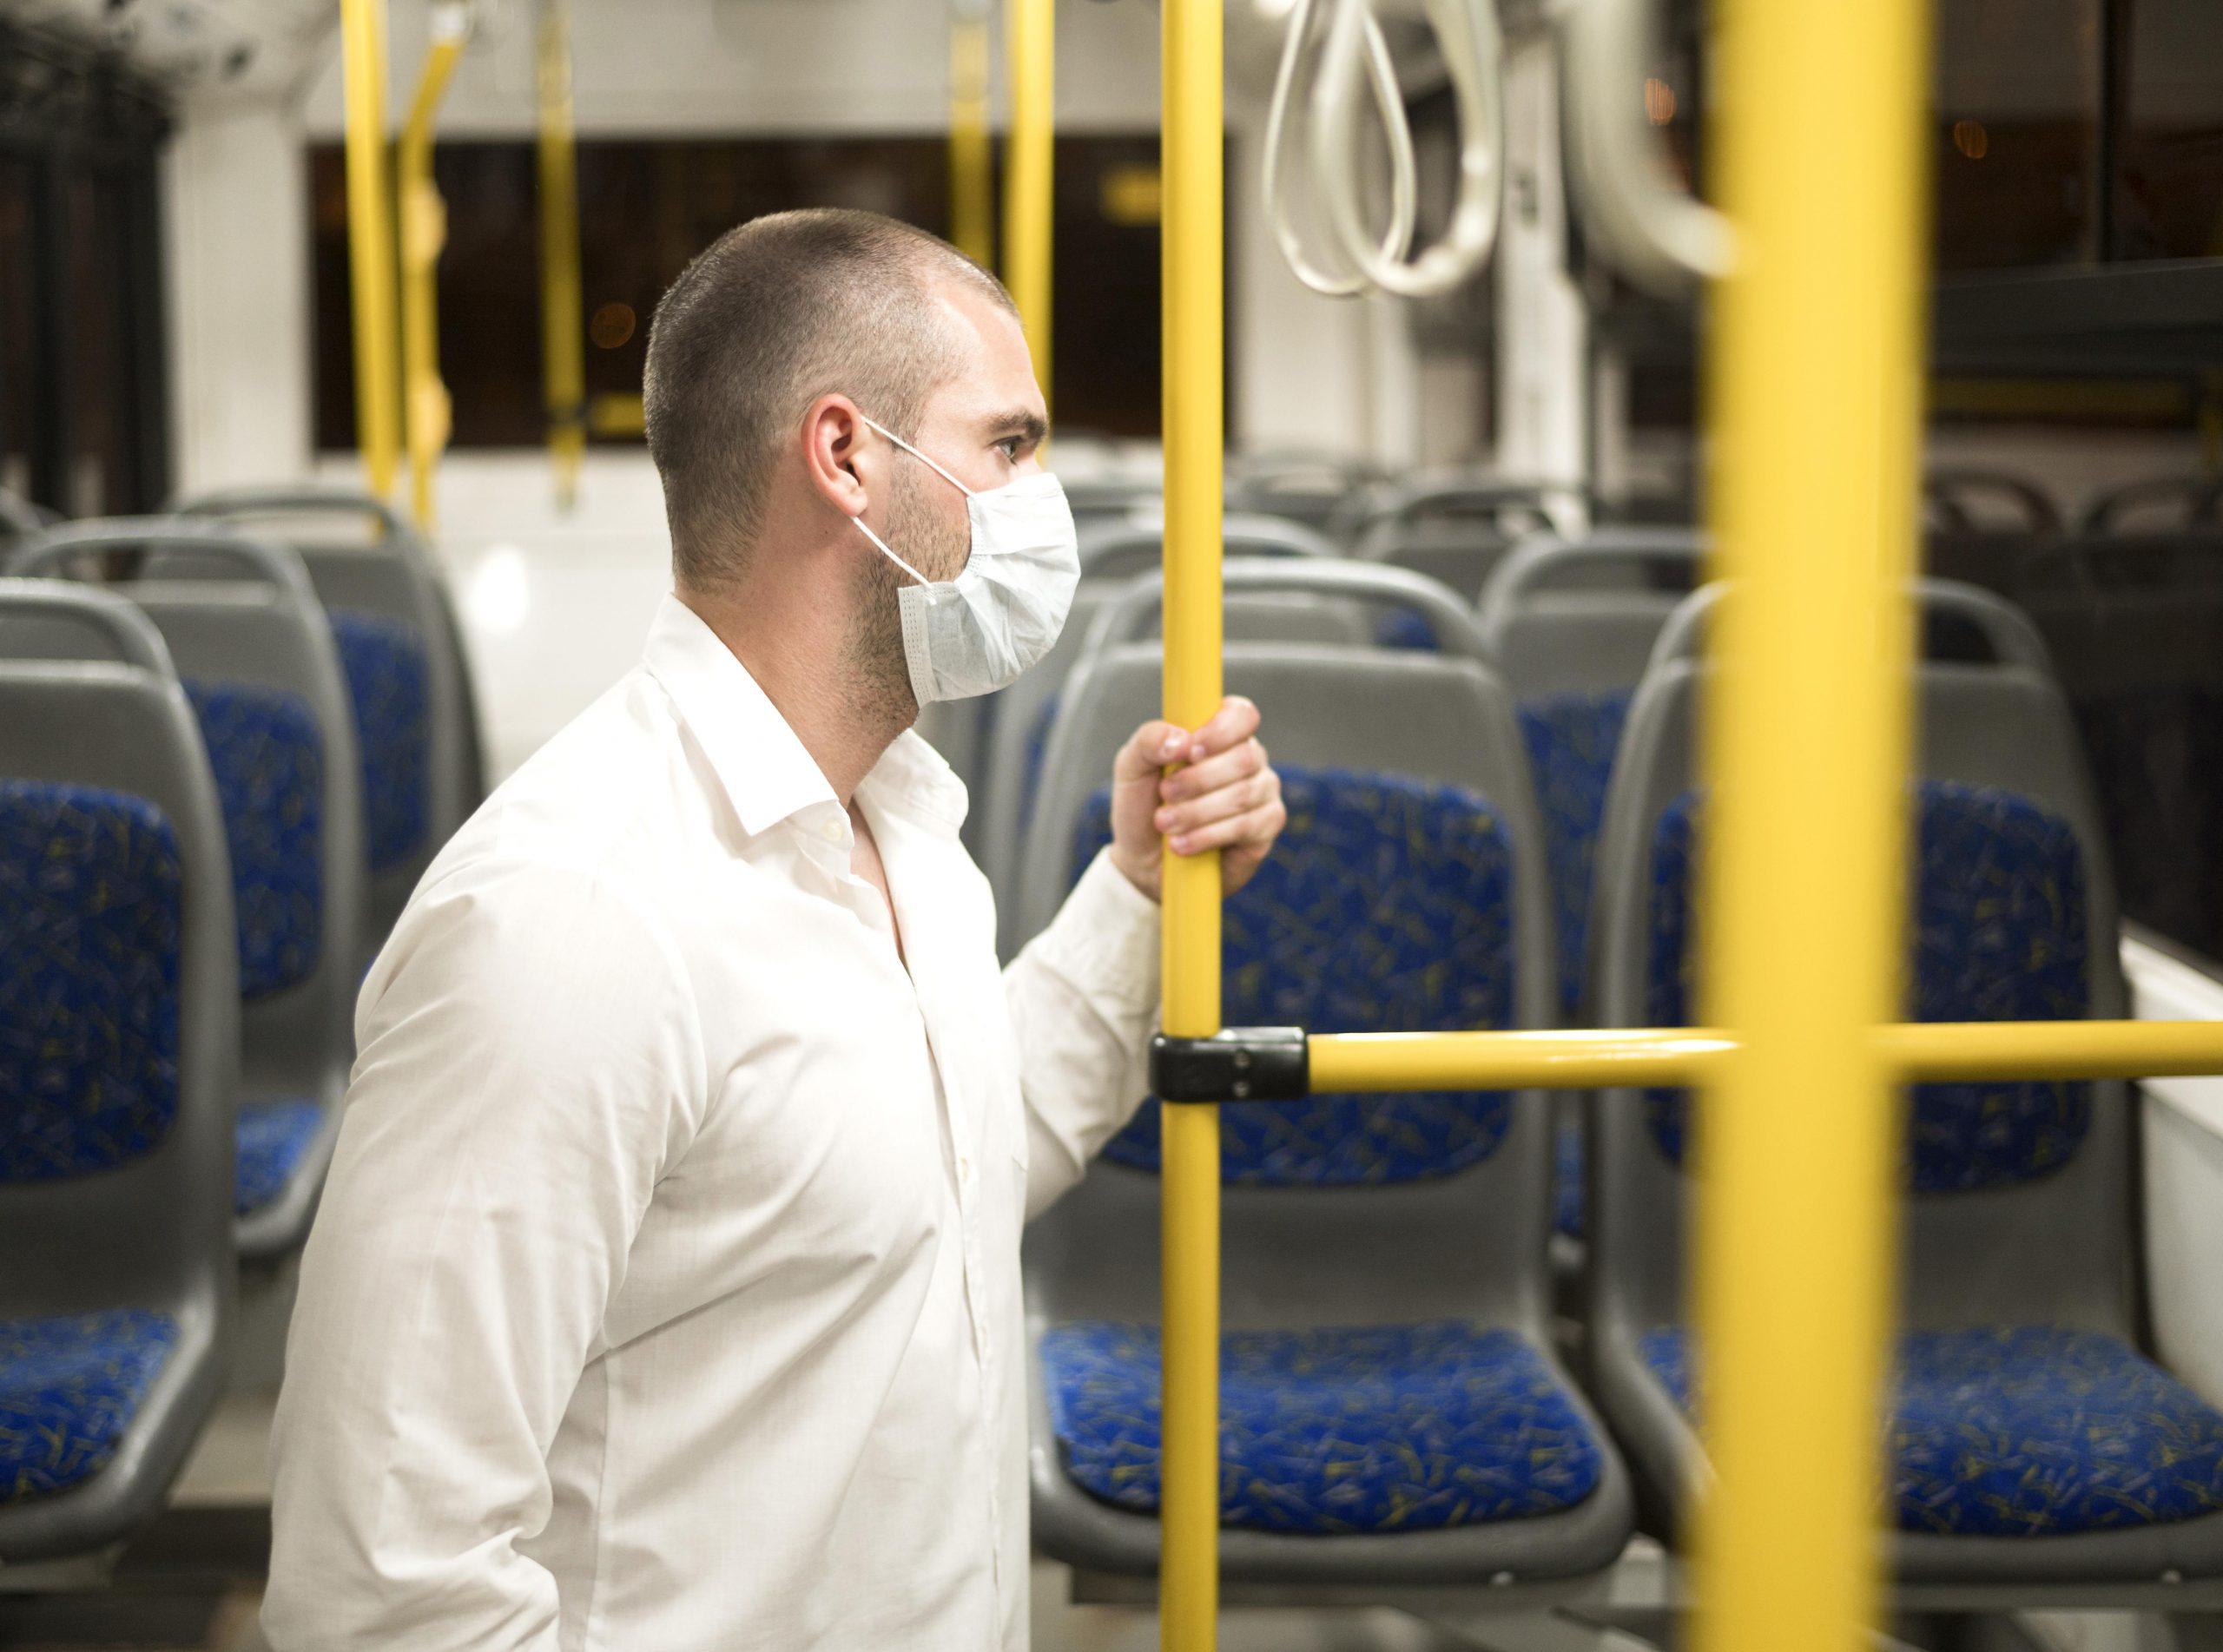 Homme dans le bus